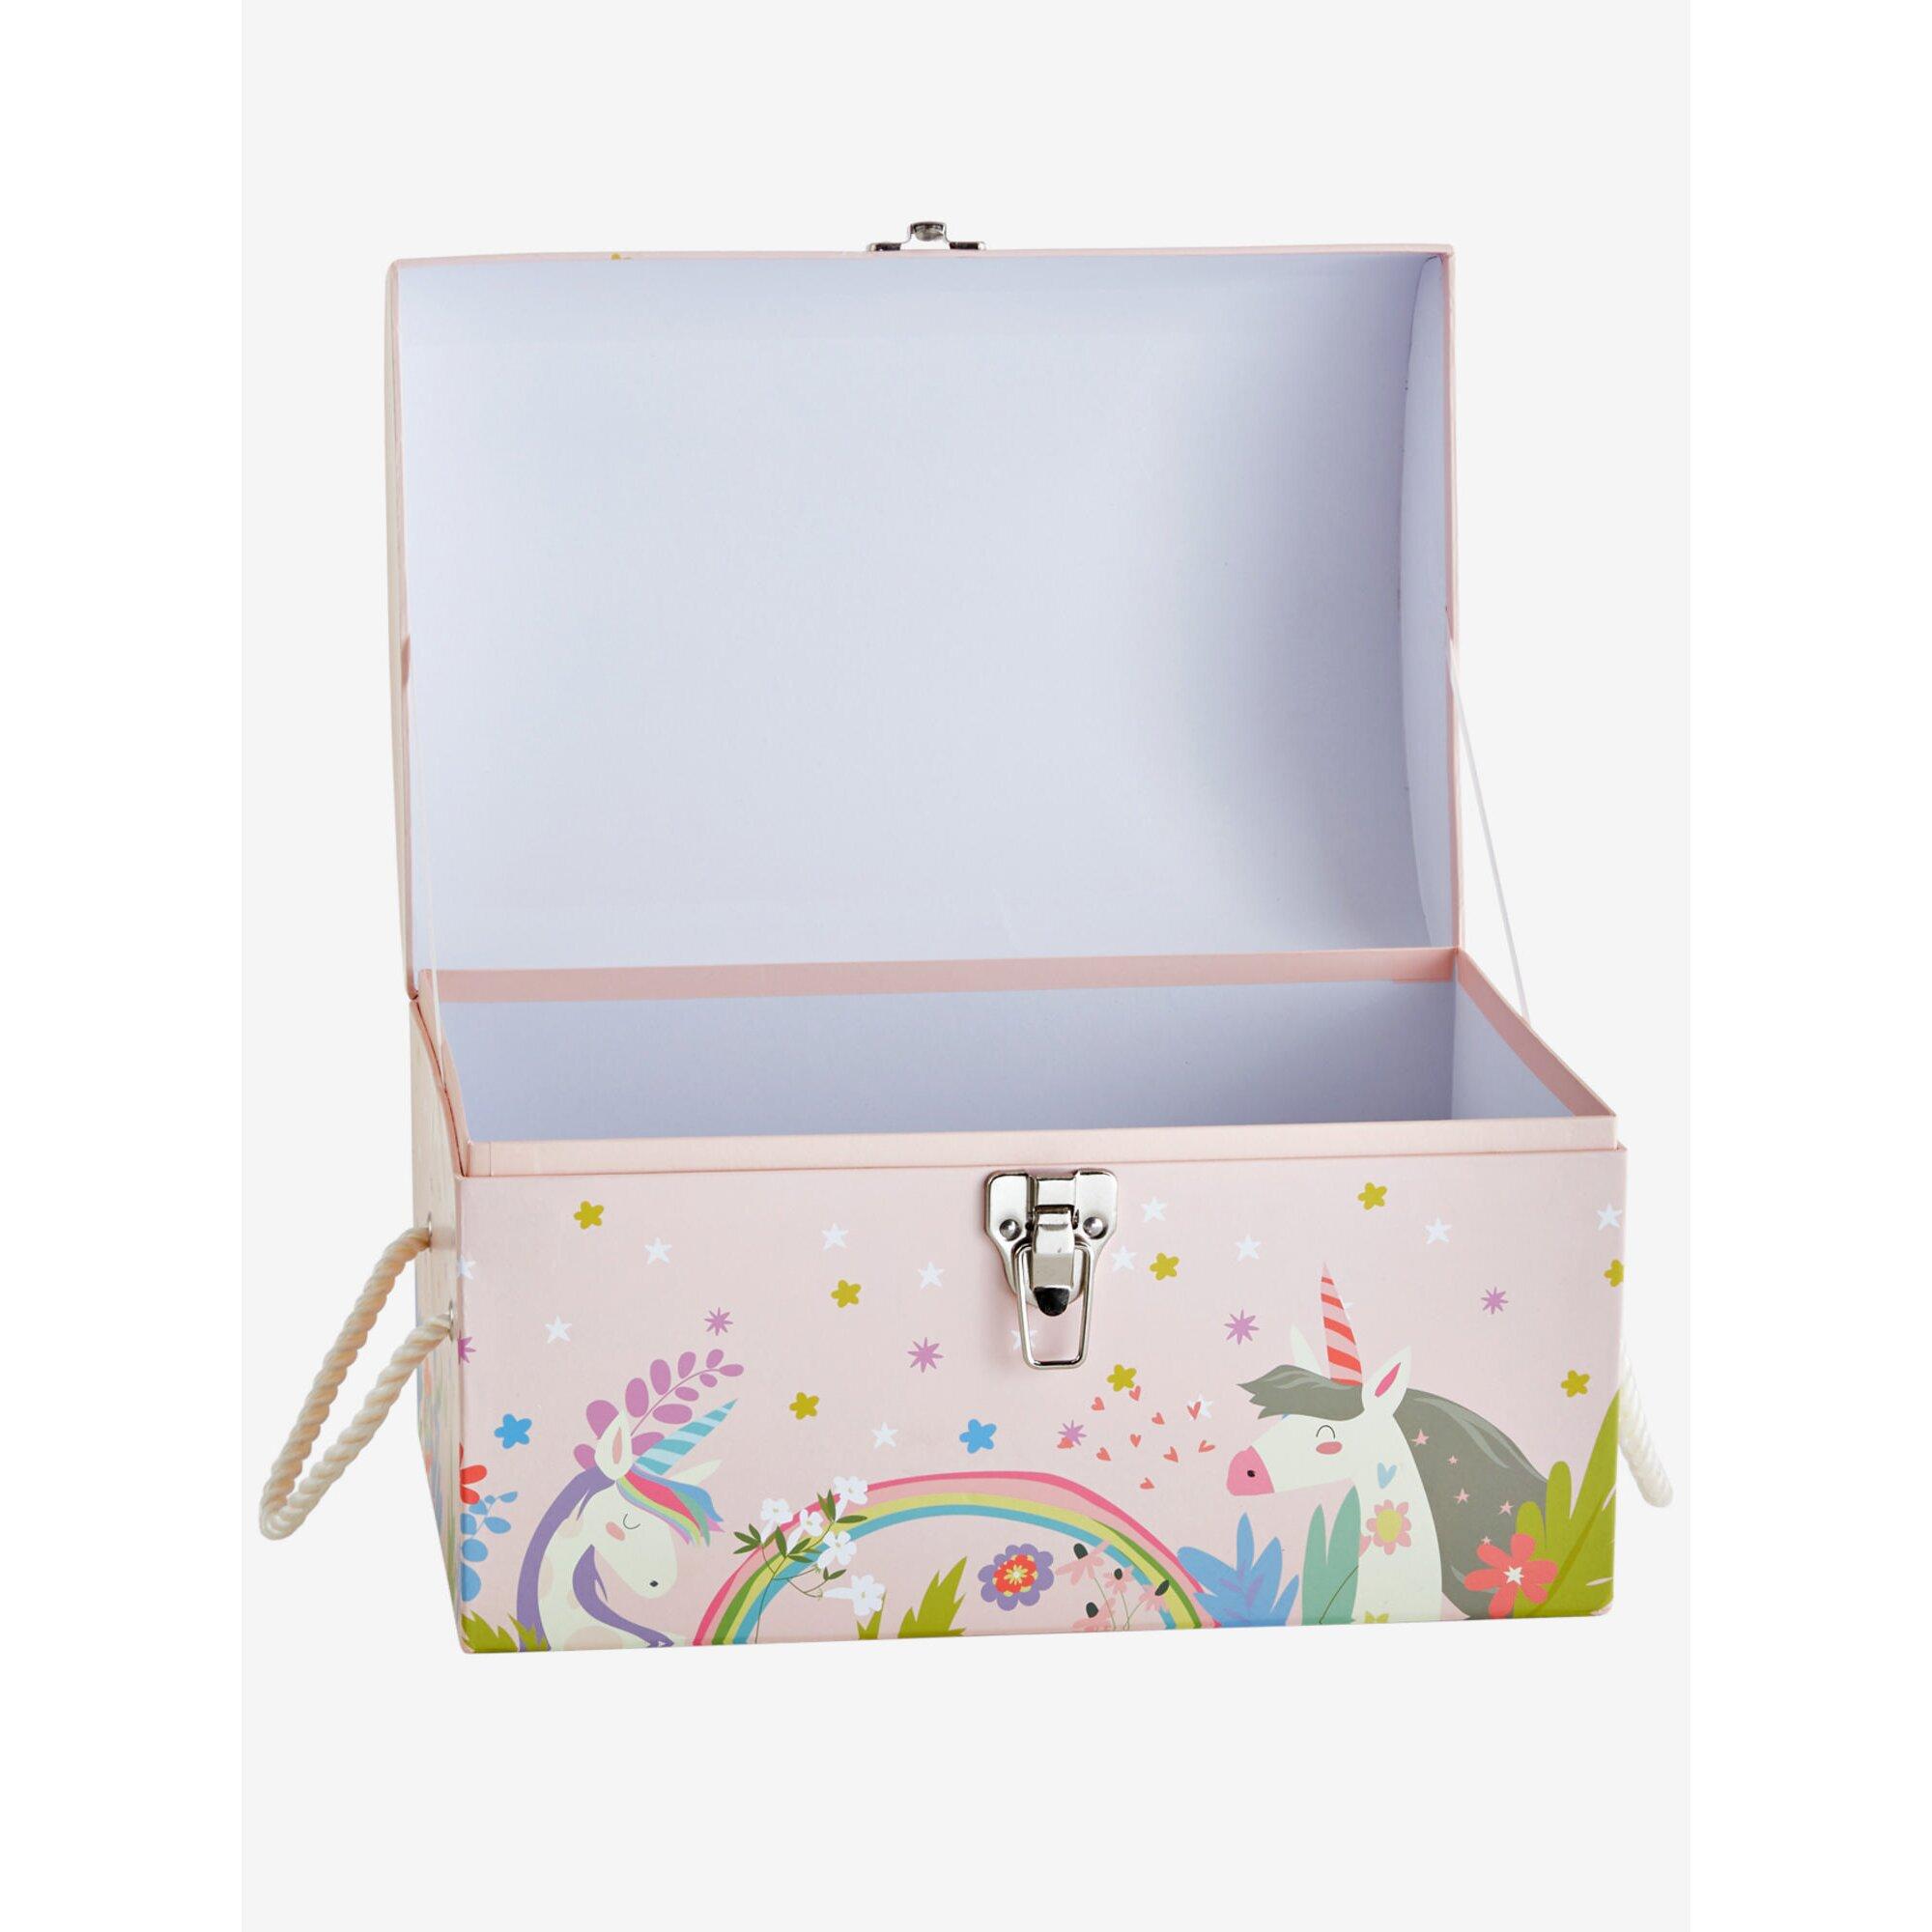 vertbaudet-aufbewahrungsbox-einhorn-fur-kinder-pappe